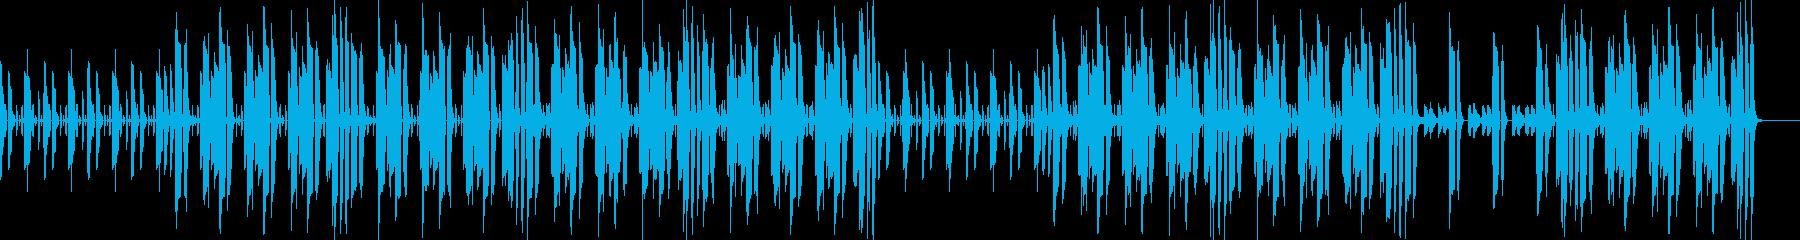 シンプルな構成で説明シーンに最適な曲の再生済みの波形